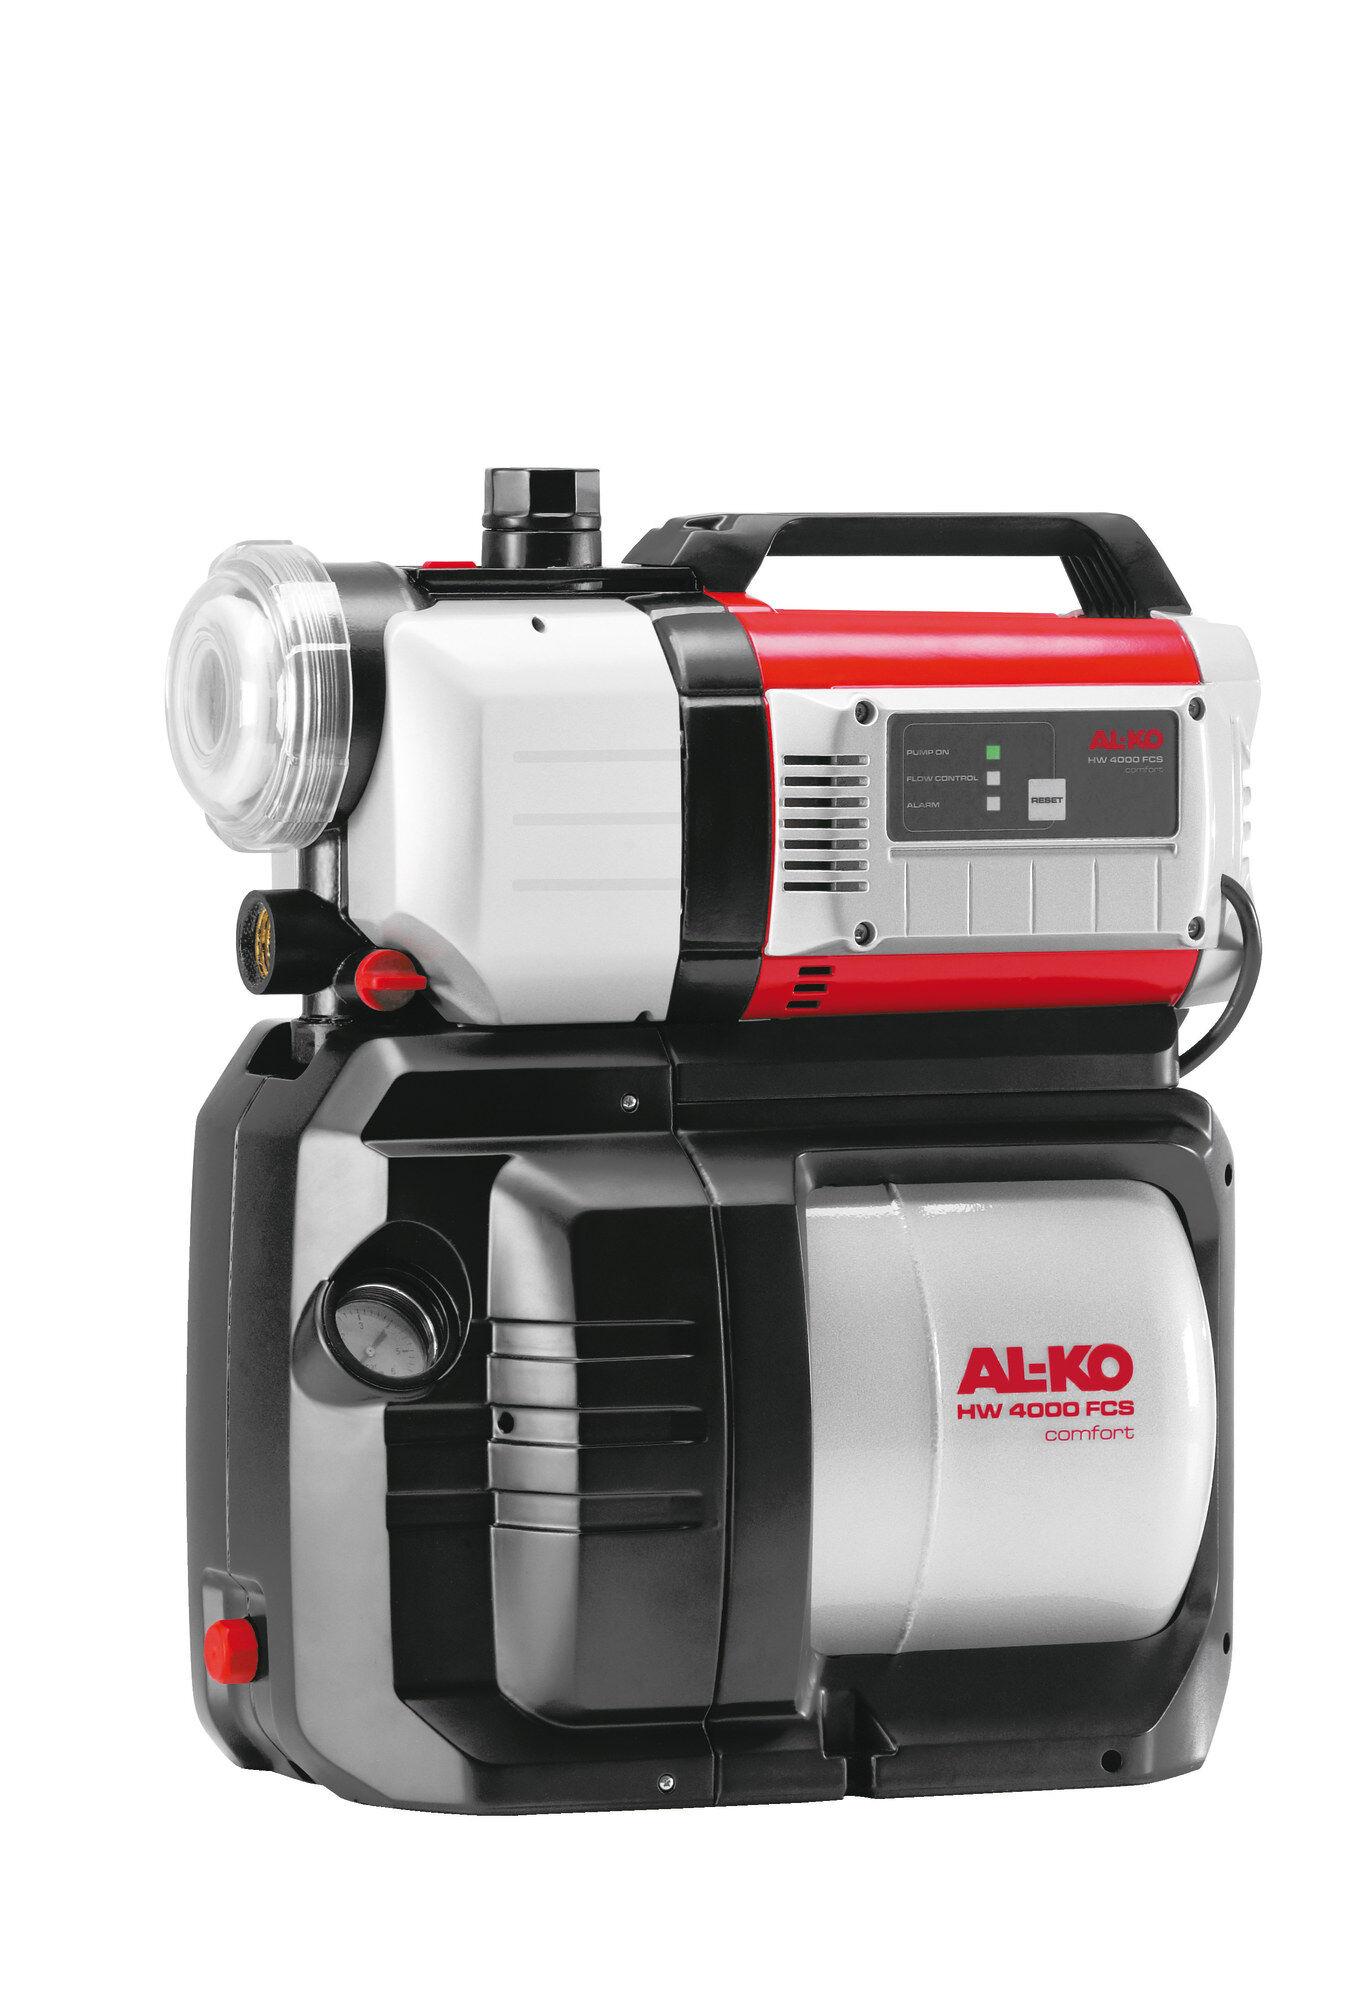 AL-KO Hw 4000 Fcs comfort 1000W vesiautomaatti